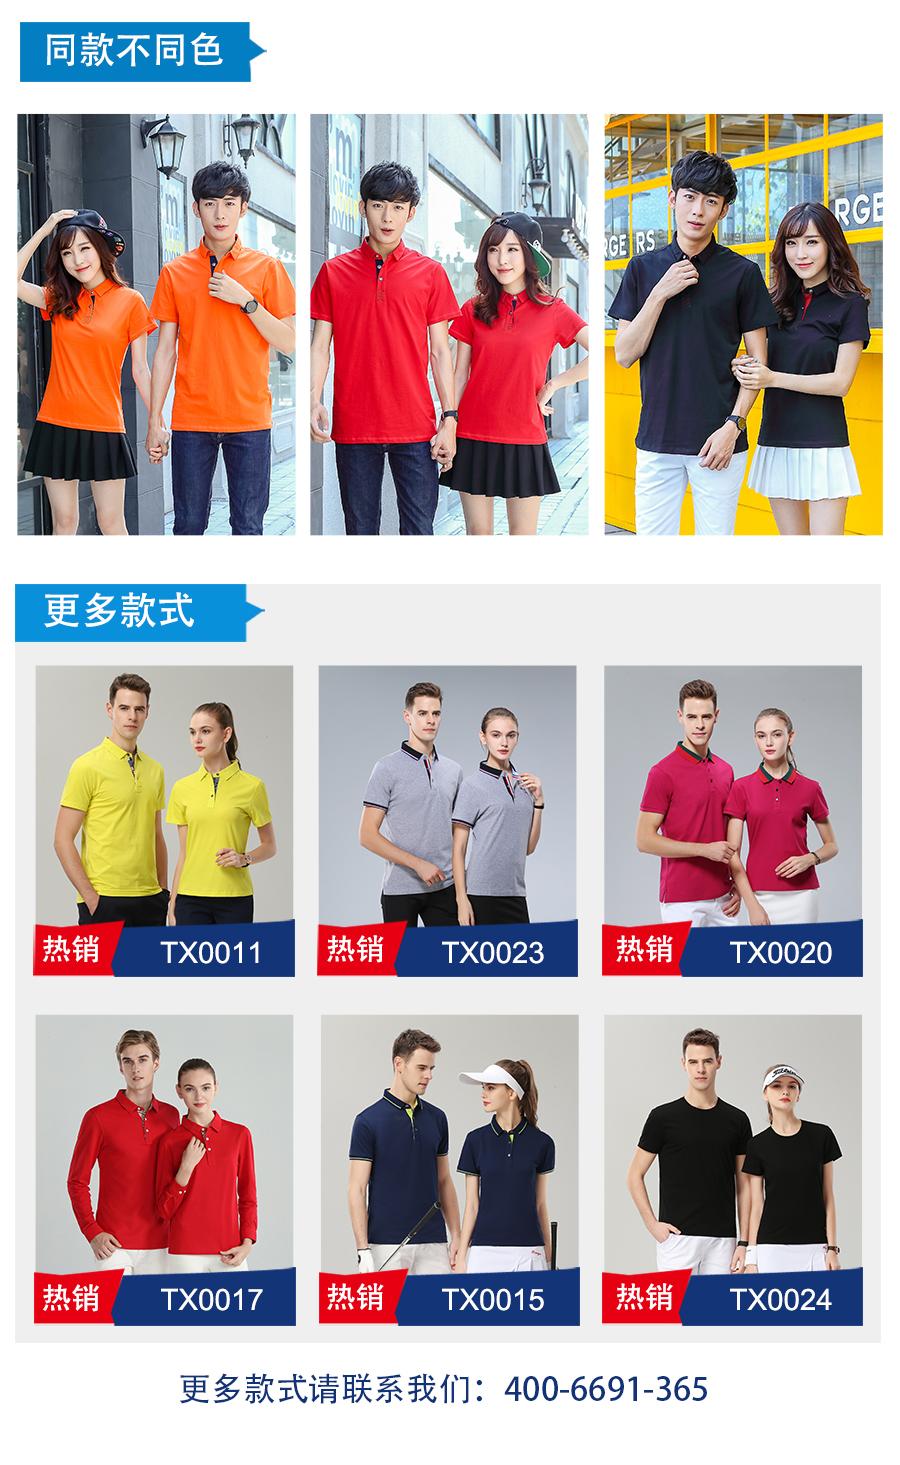 文化衫工作服同款不同色.jpg